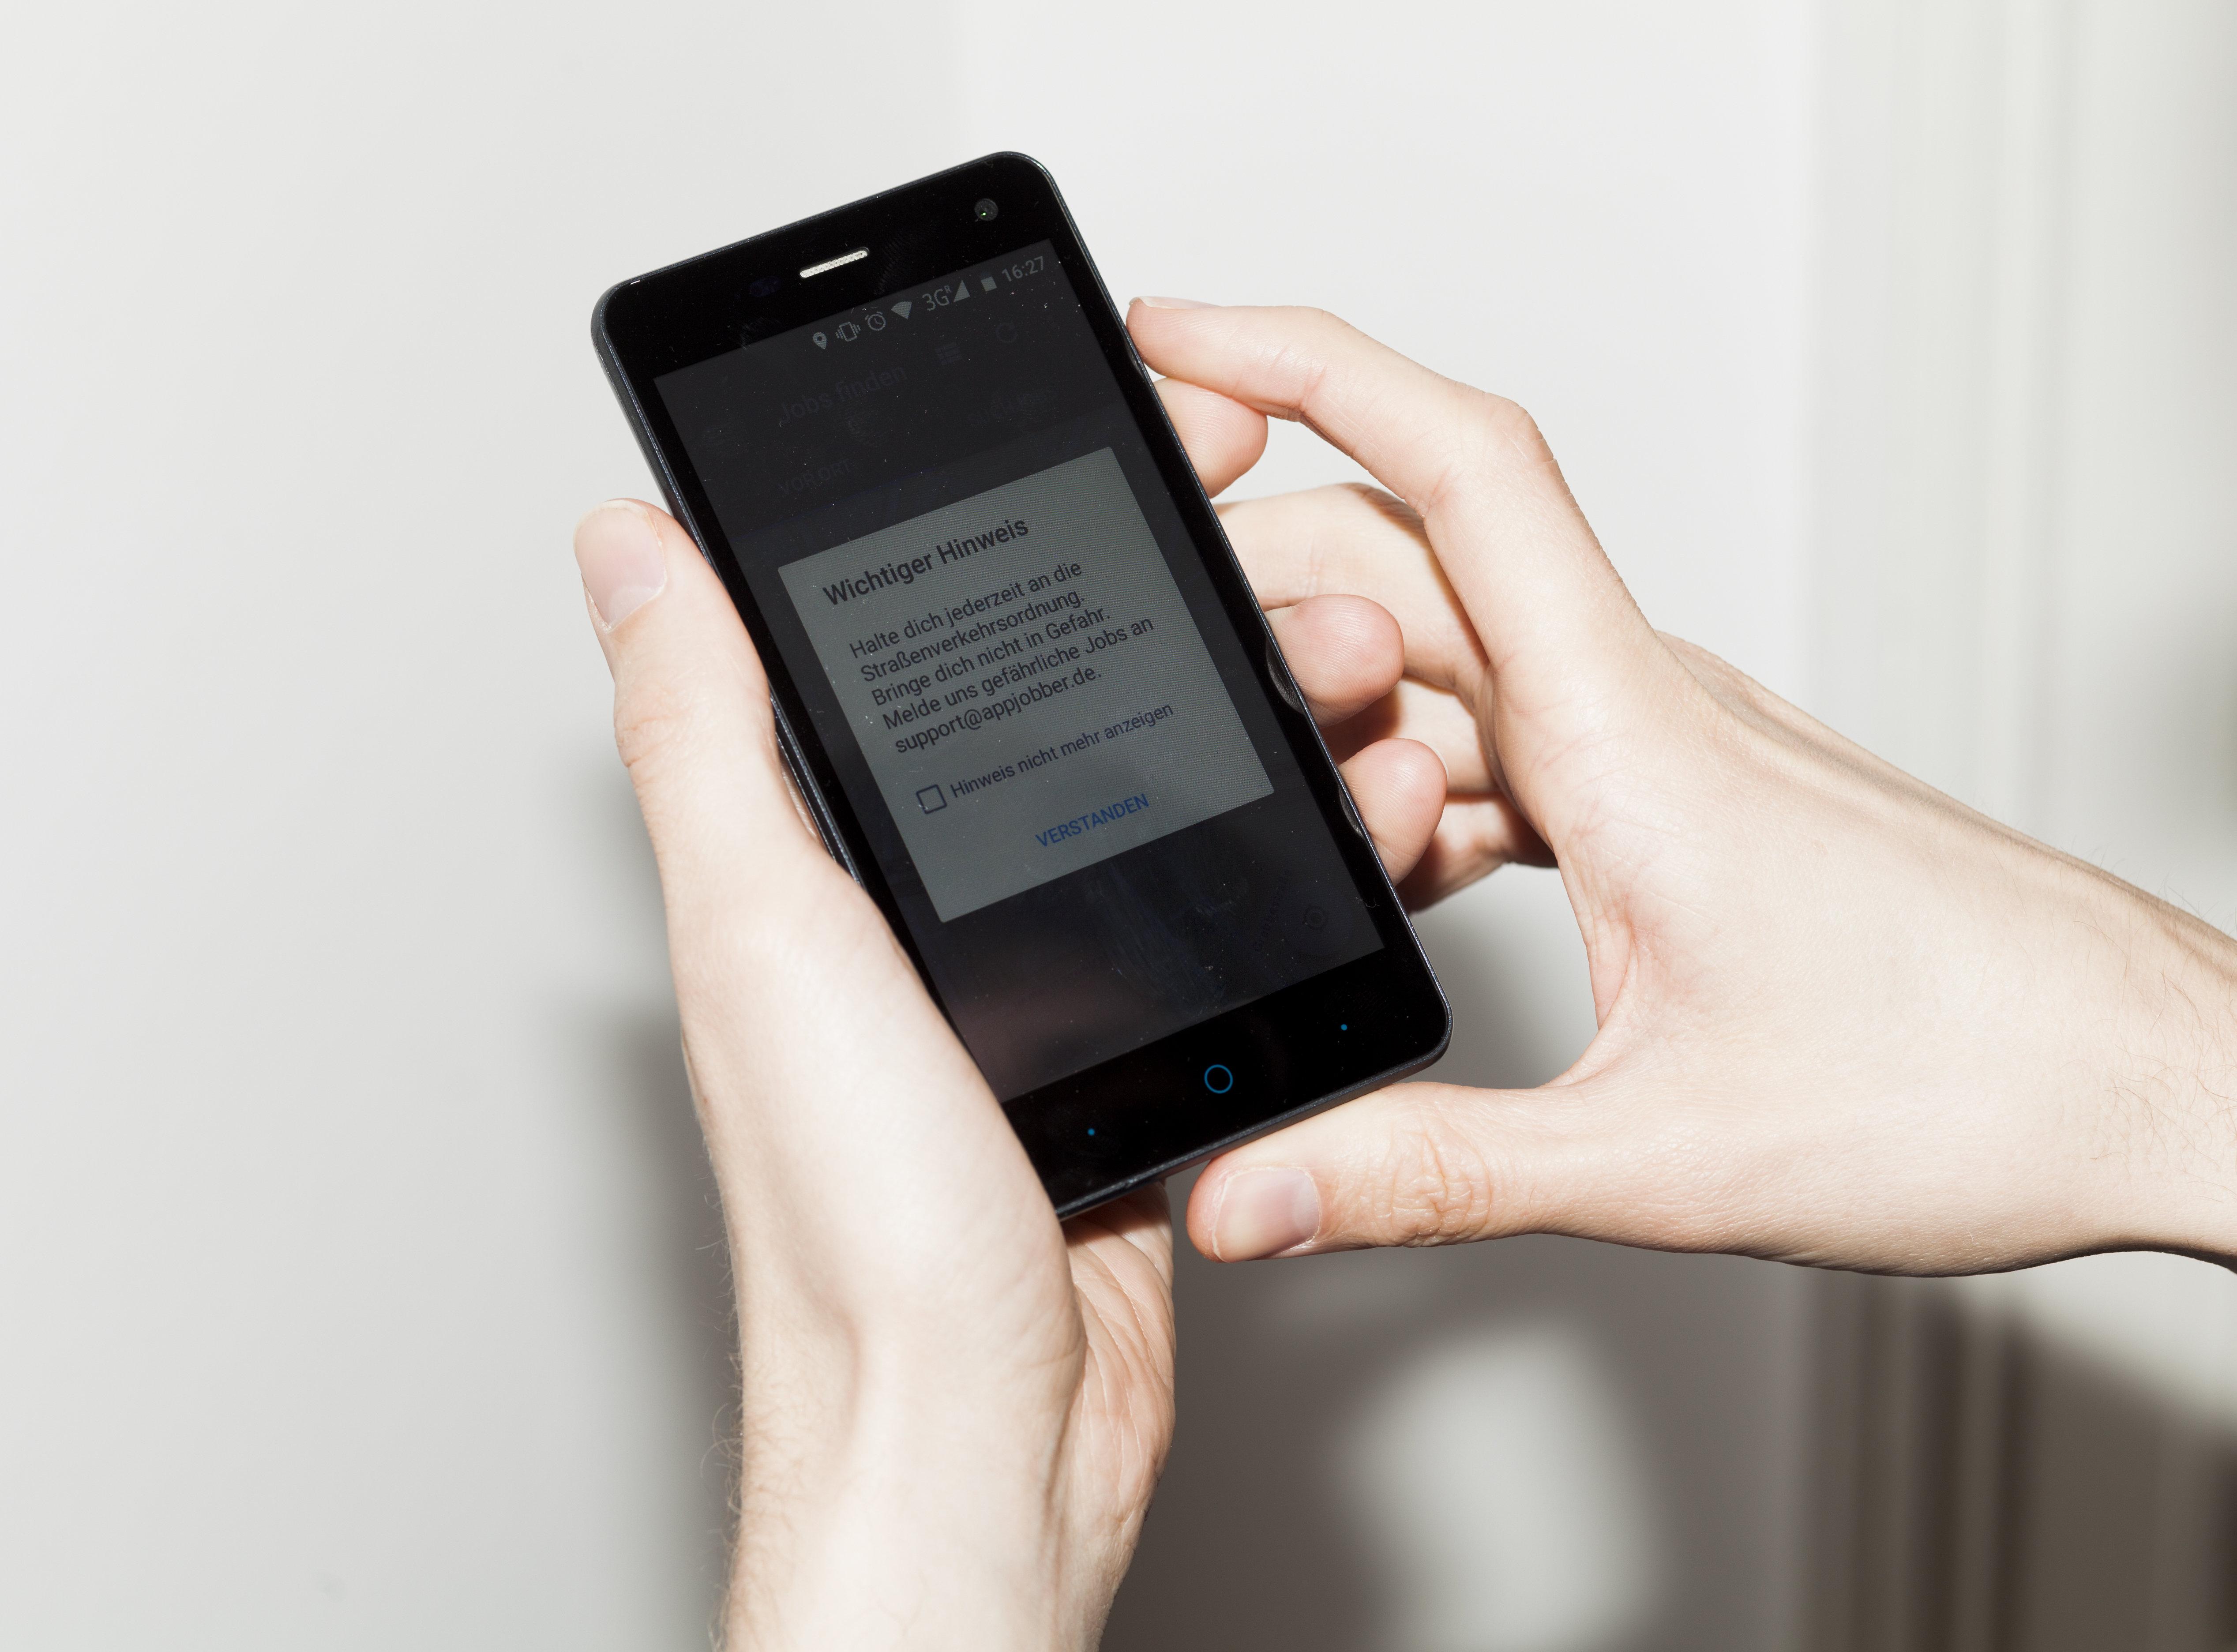 Smartphone mit Sicherheitswarnung (Foto: Michael Kohls)